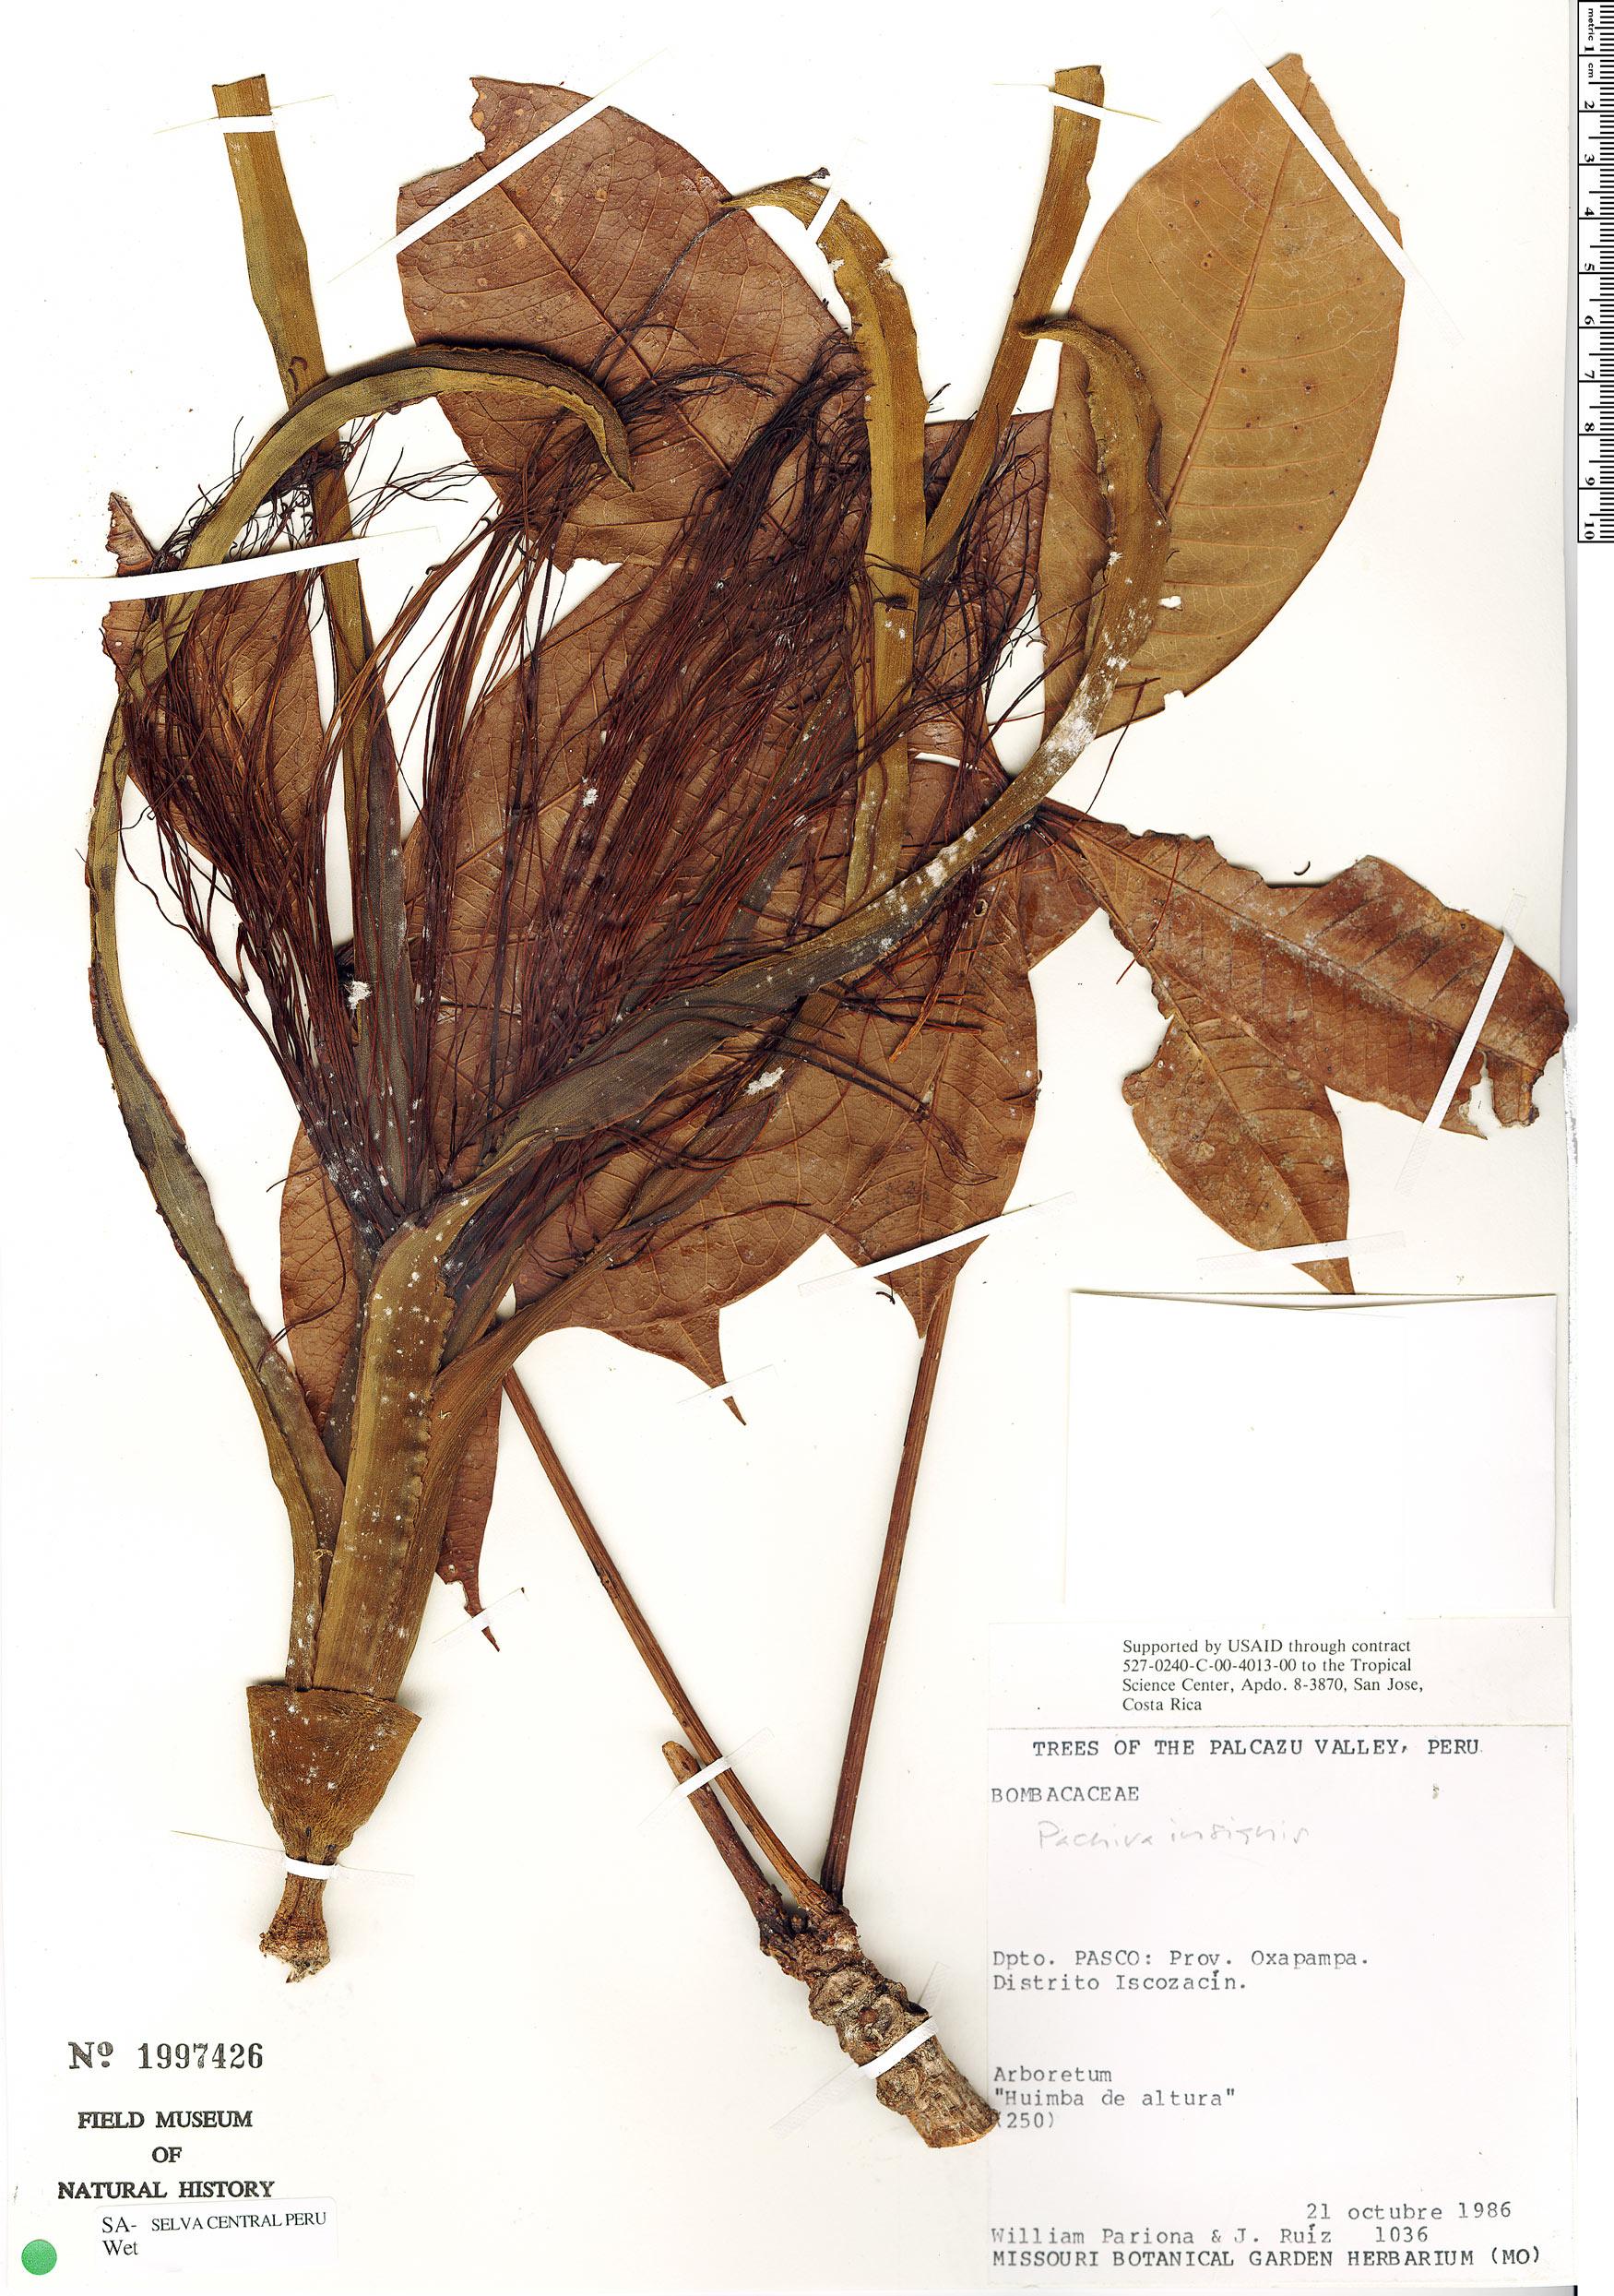 Specimen: Pachira insignis